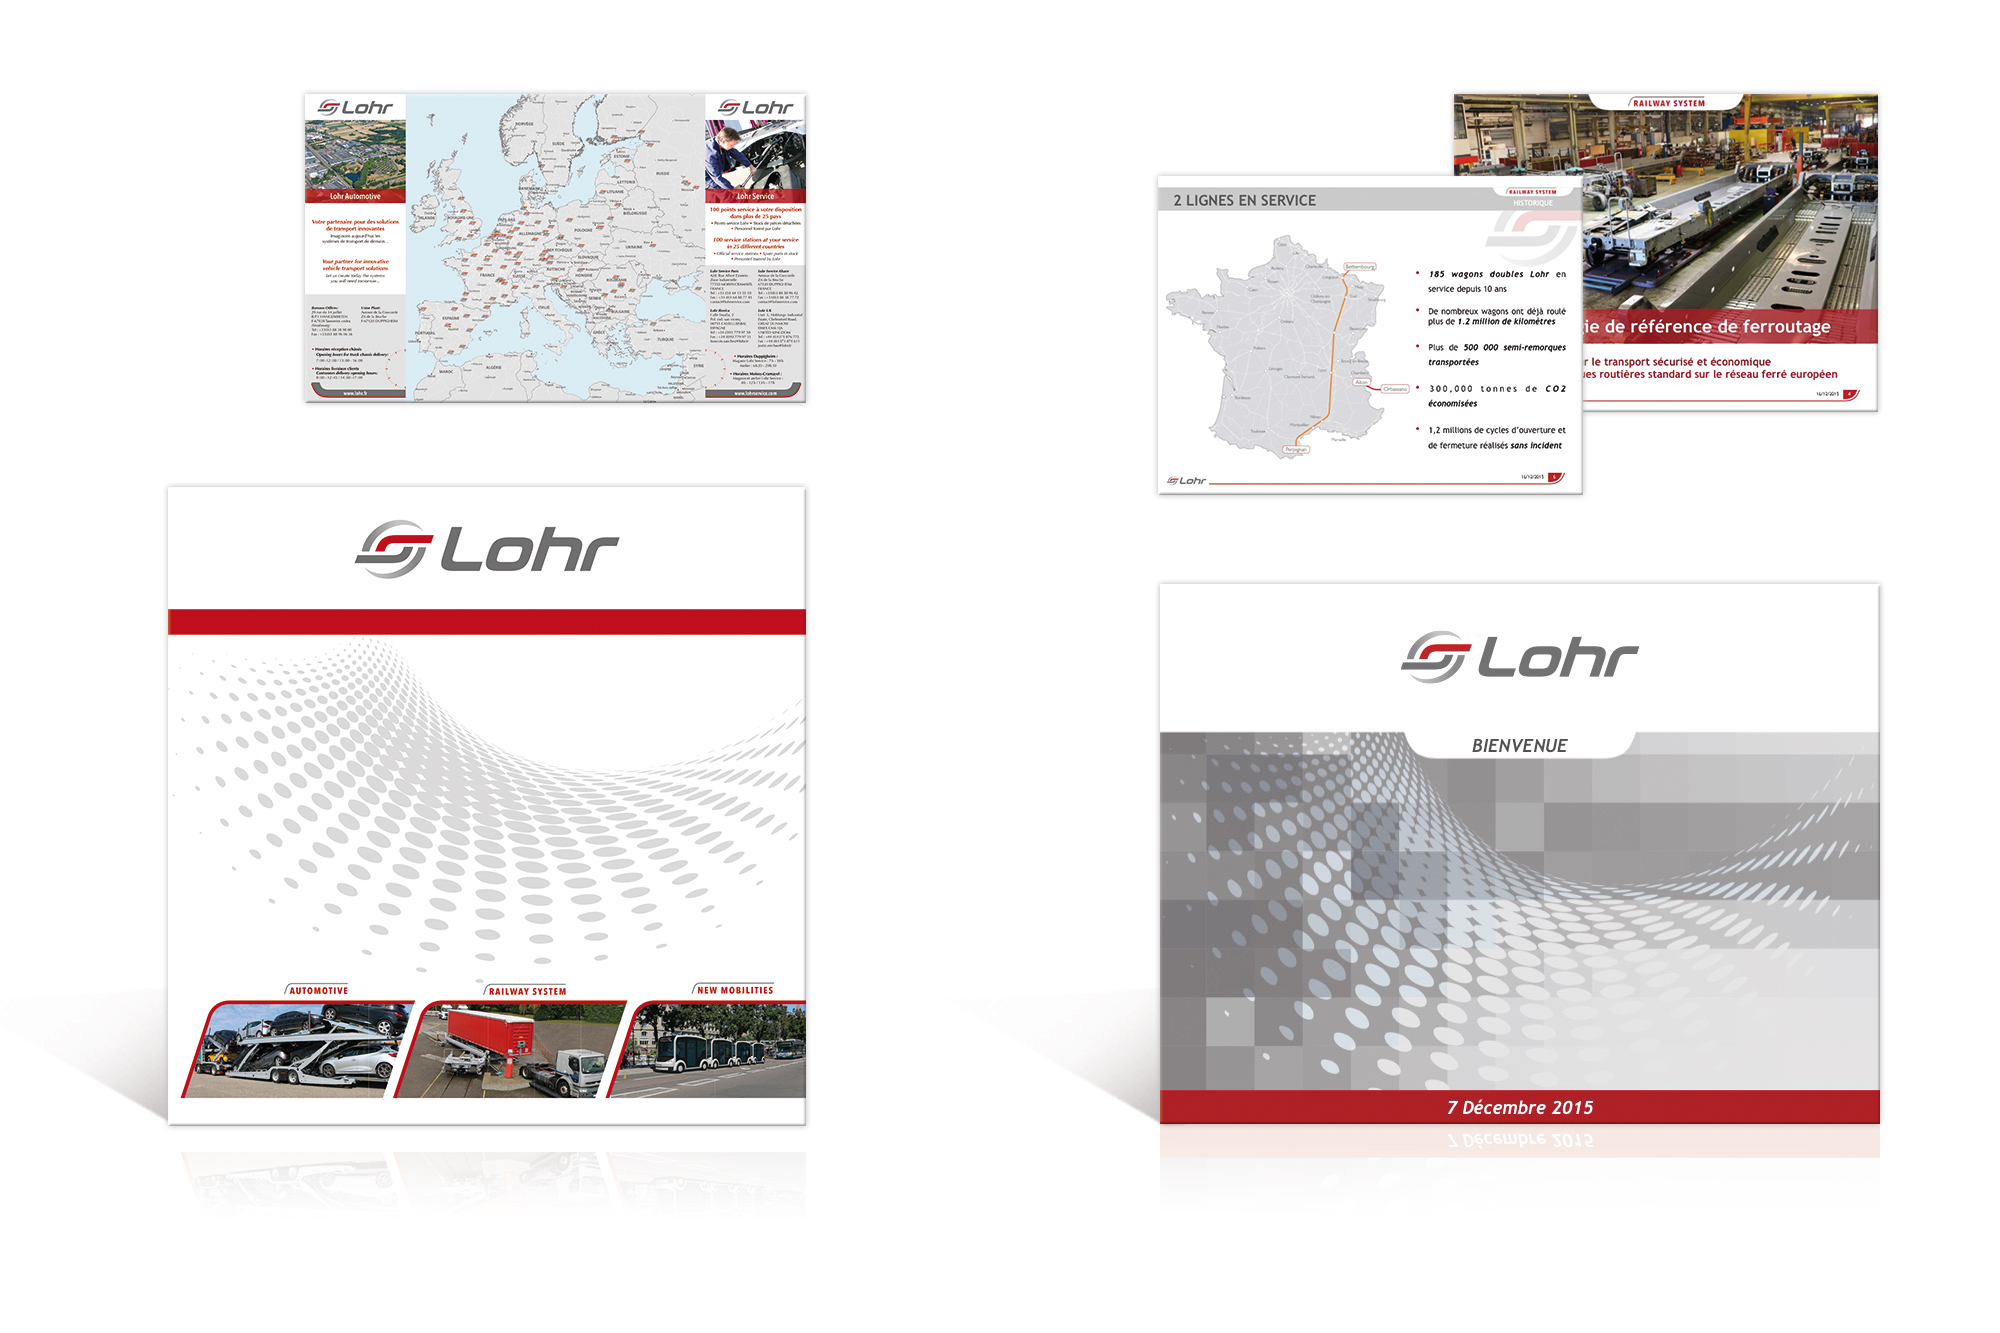 Dépliant de présentation du Groupe Lohr